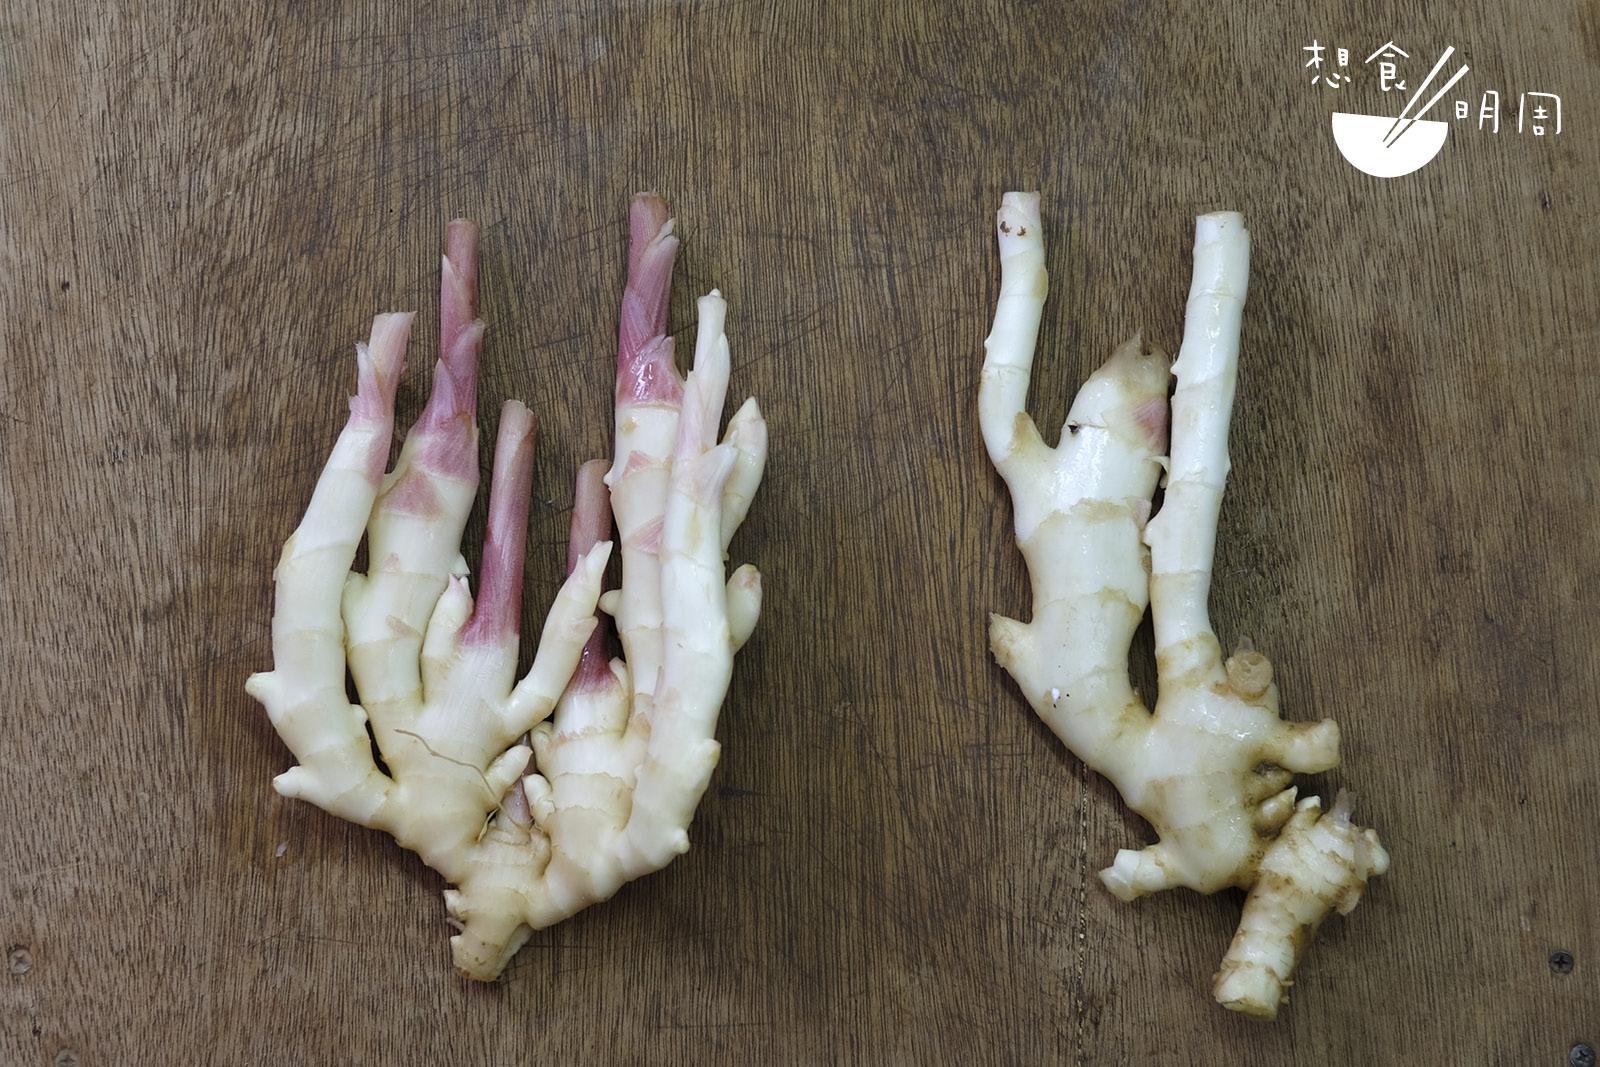 一塊子薑的好壞,看它的身型就知道;薑芽多而粗壯 為上品(左),瘦削沒薑芽的就不要選了(右)!